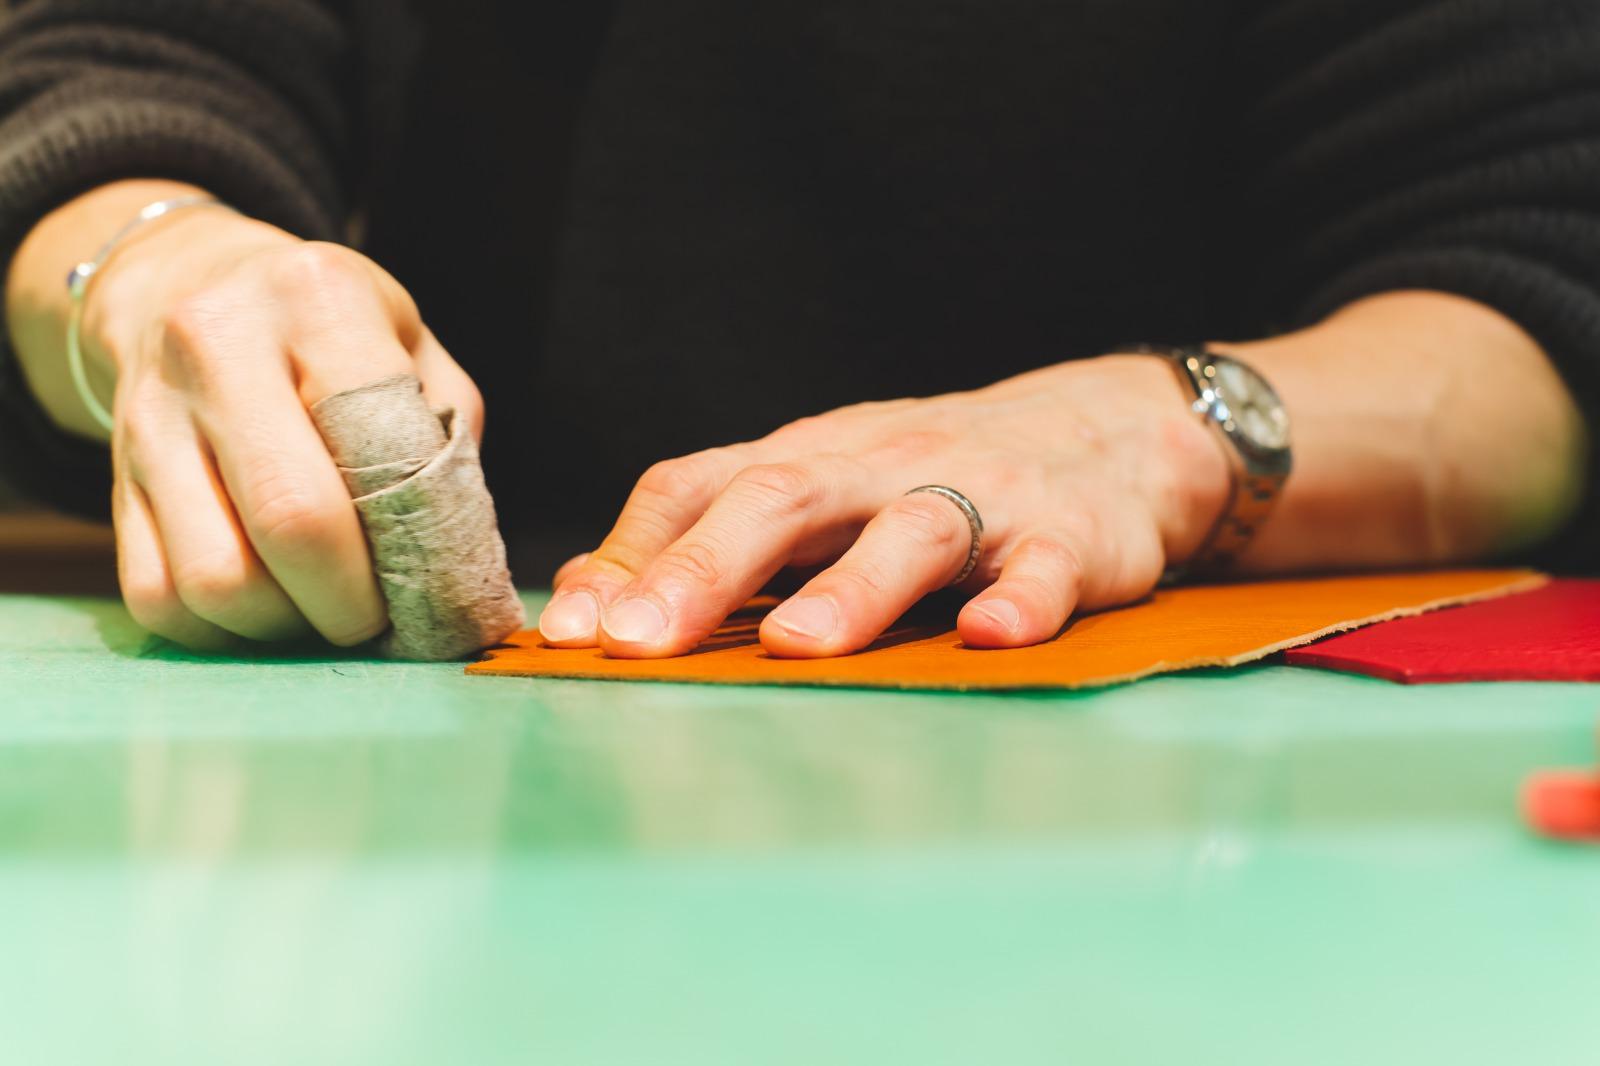 ヘリ漉き・コバ磨き・ネン引きの作業風景